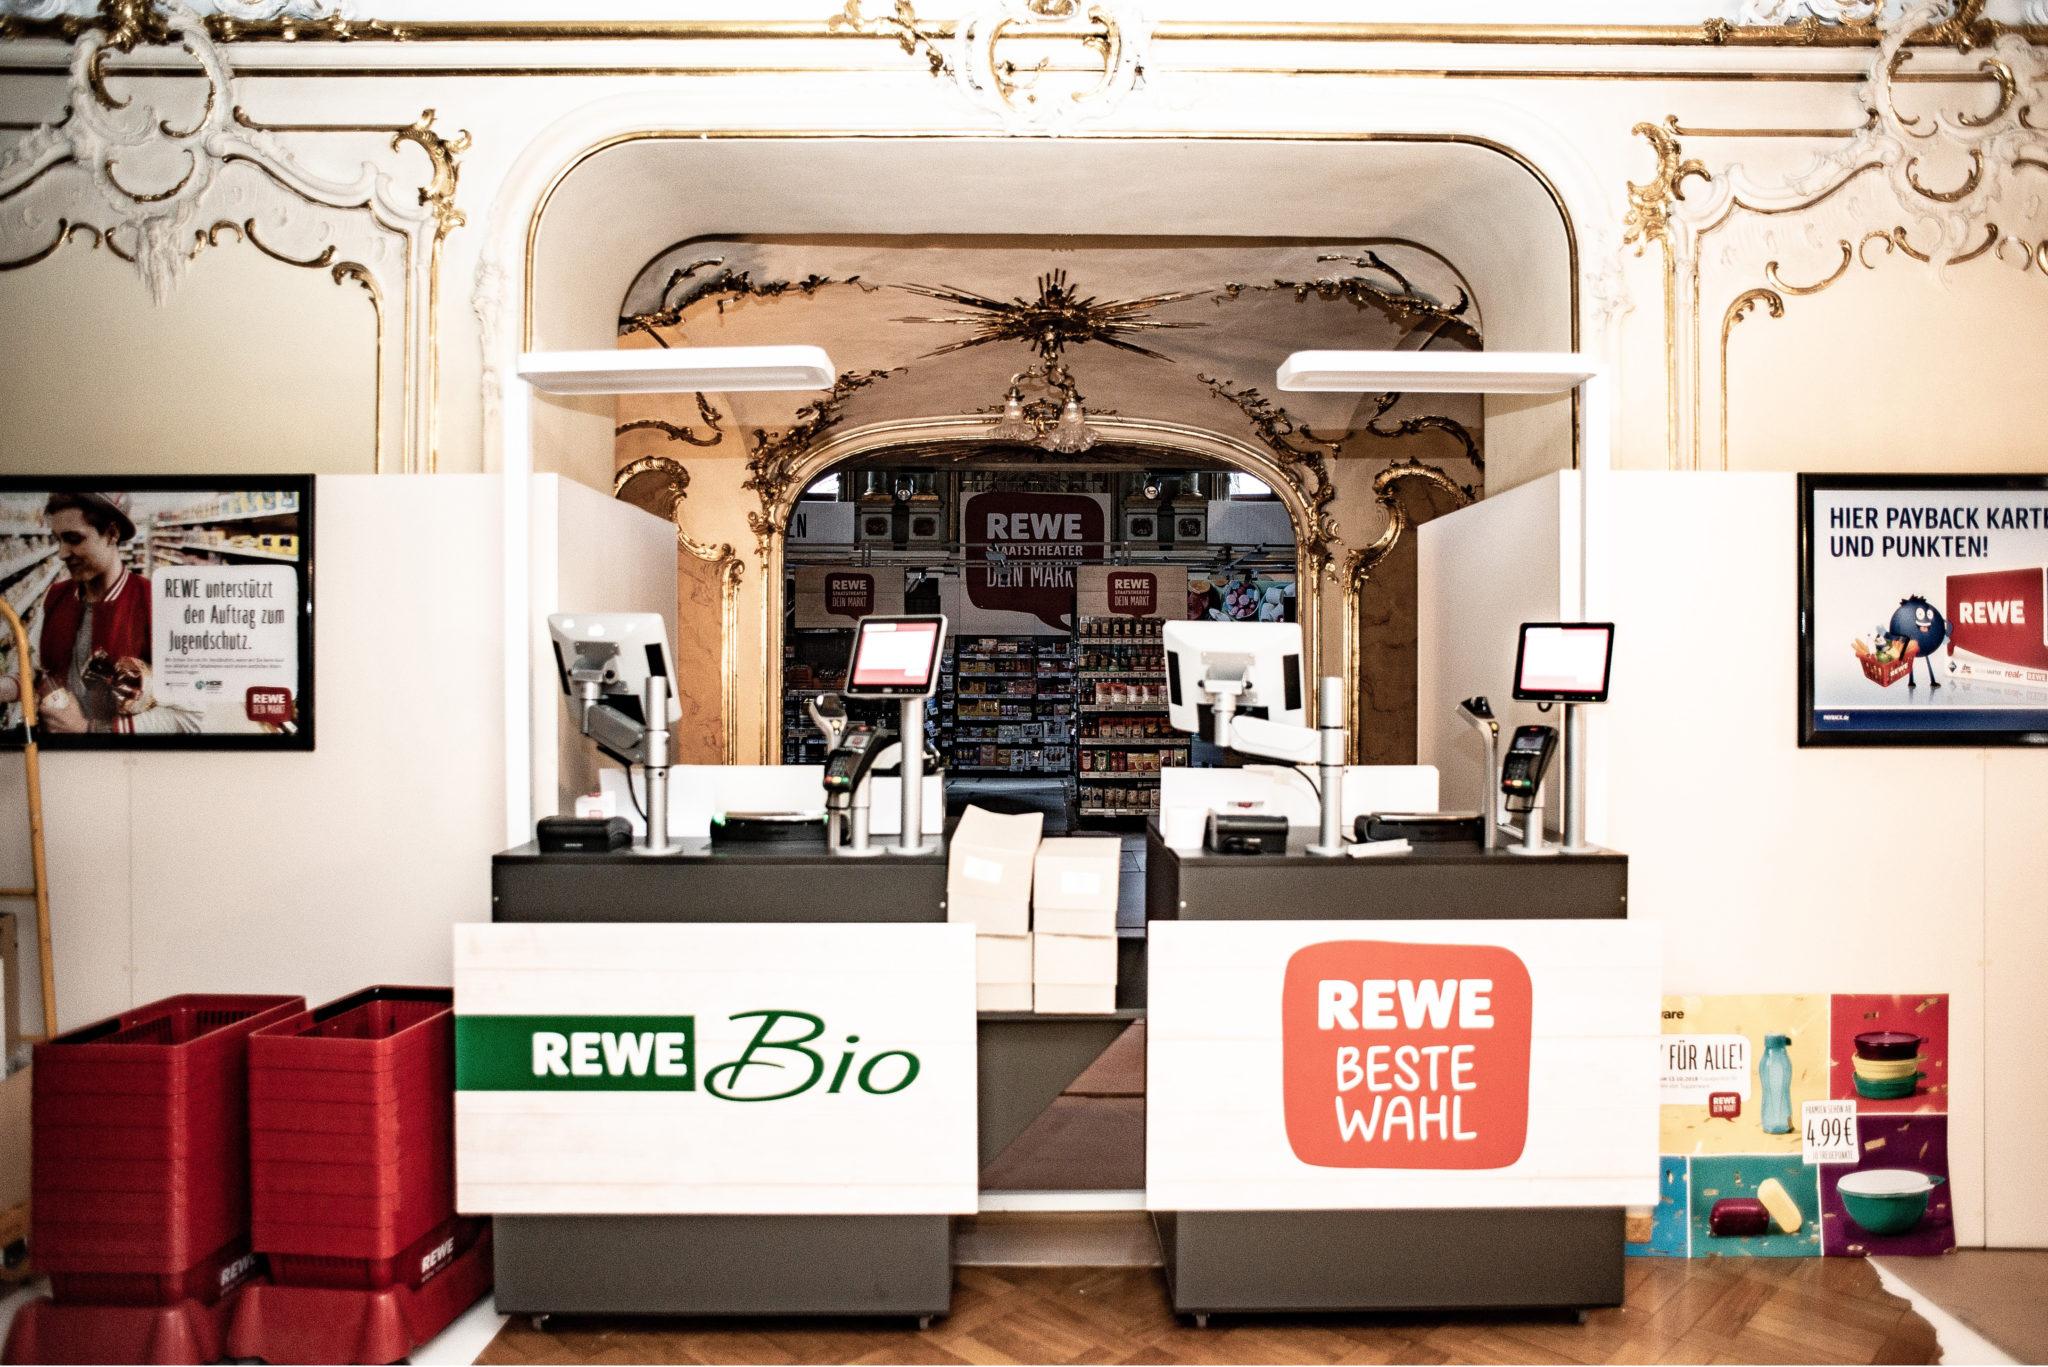 """Wiesbaden Biennale 2018: """"REWE – Dein Markt"""". Aufbau einer REWE-Filiale im Hessischen Staatstheater Wiesbaden"""